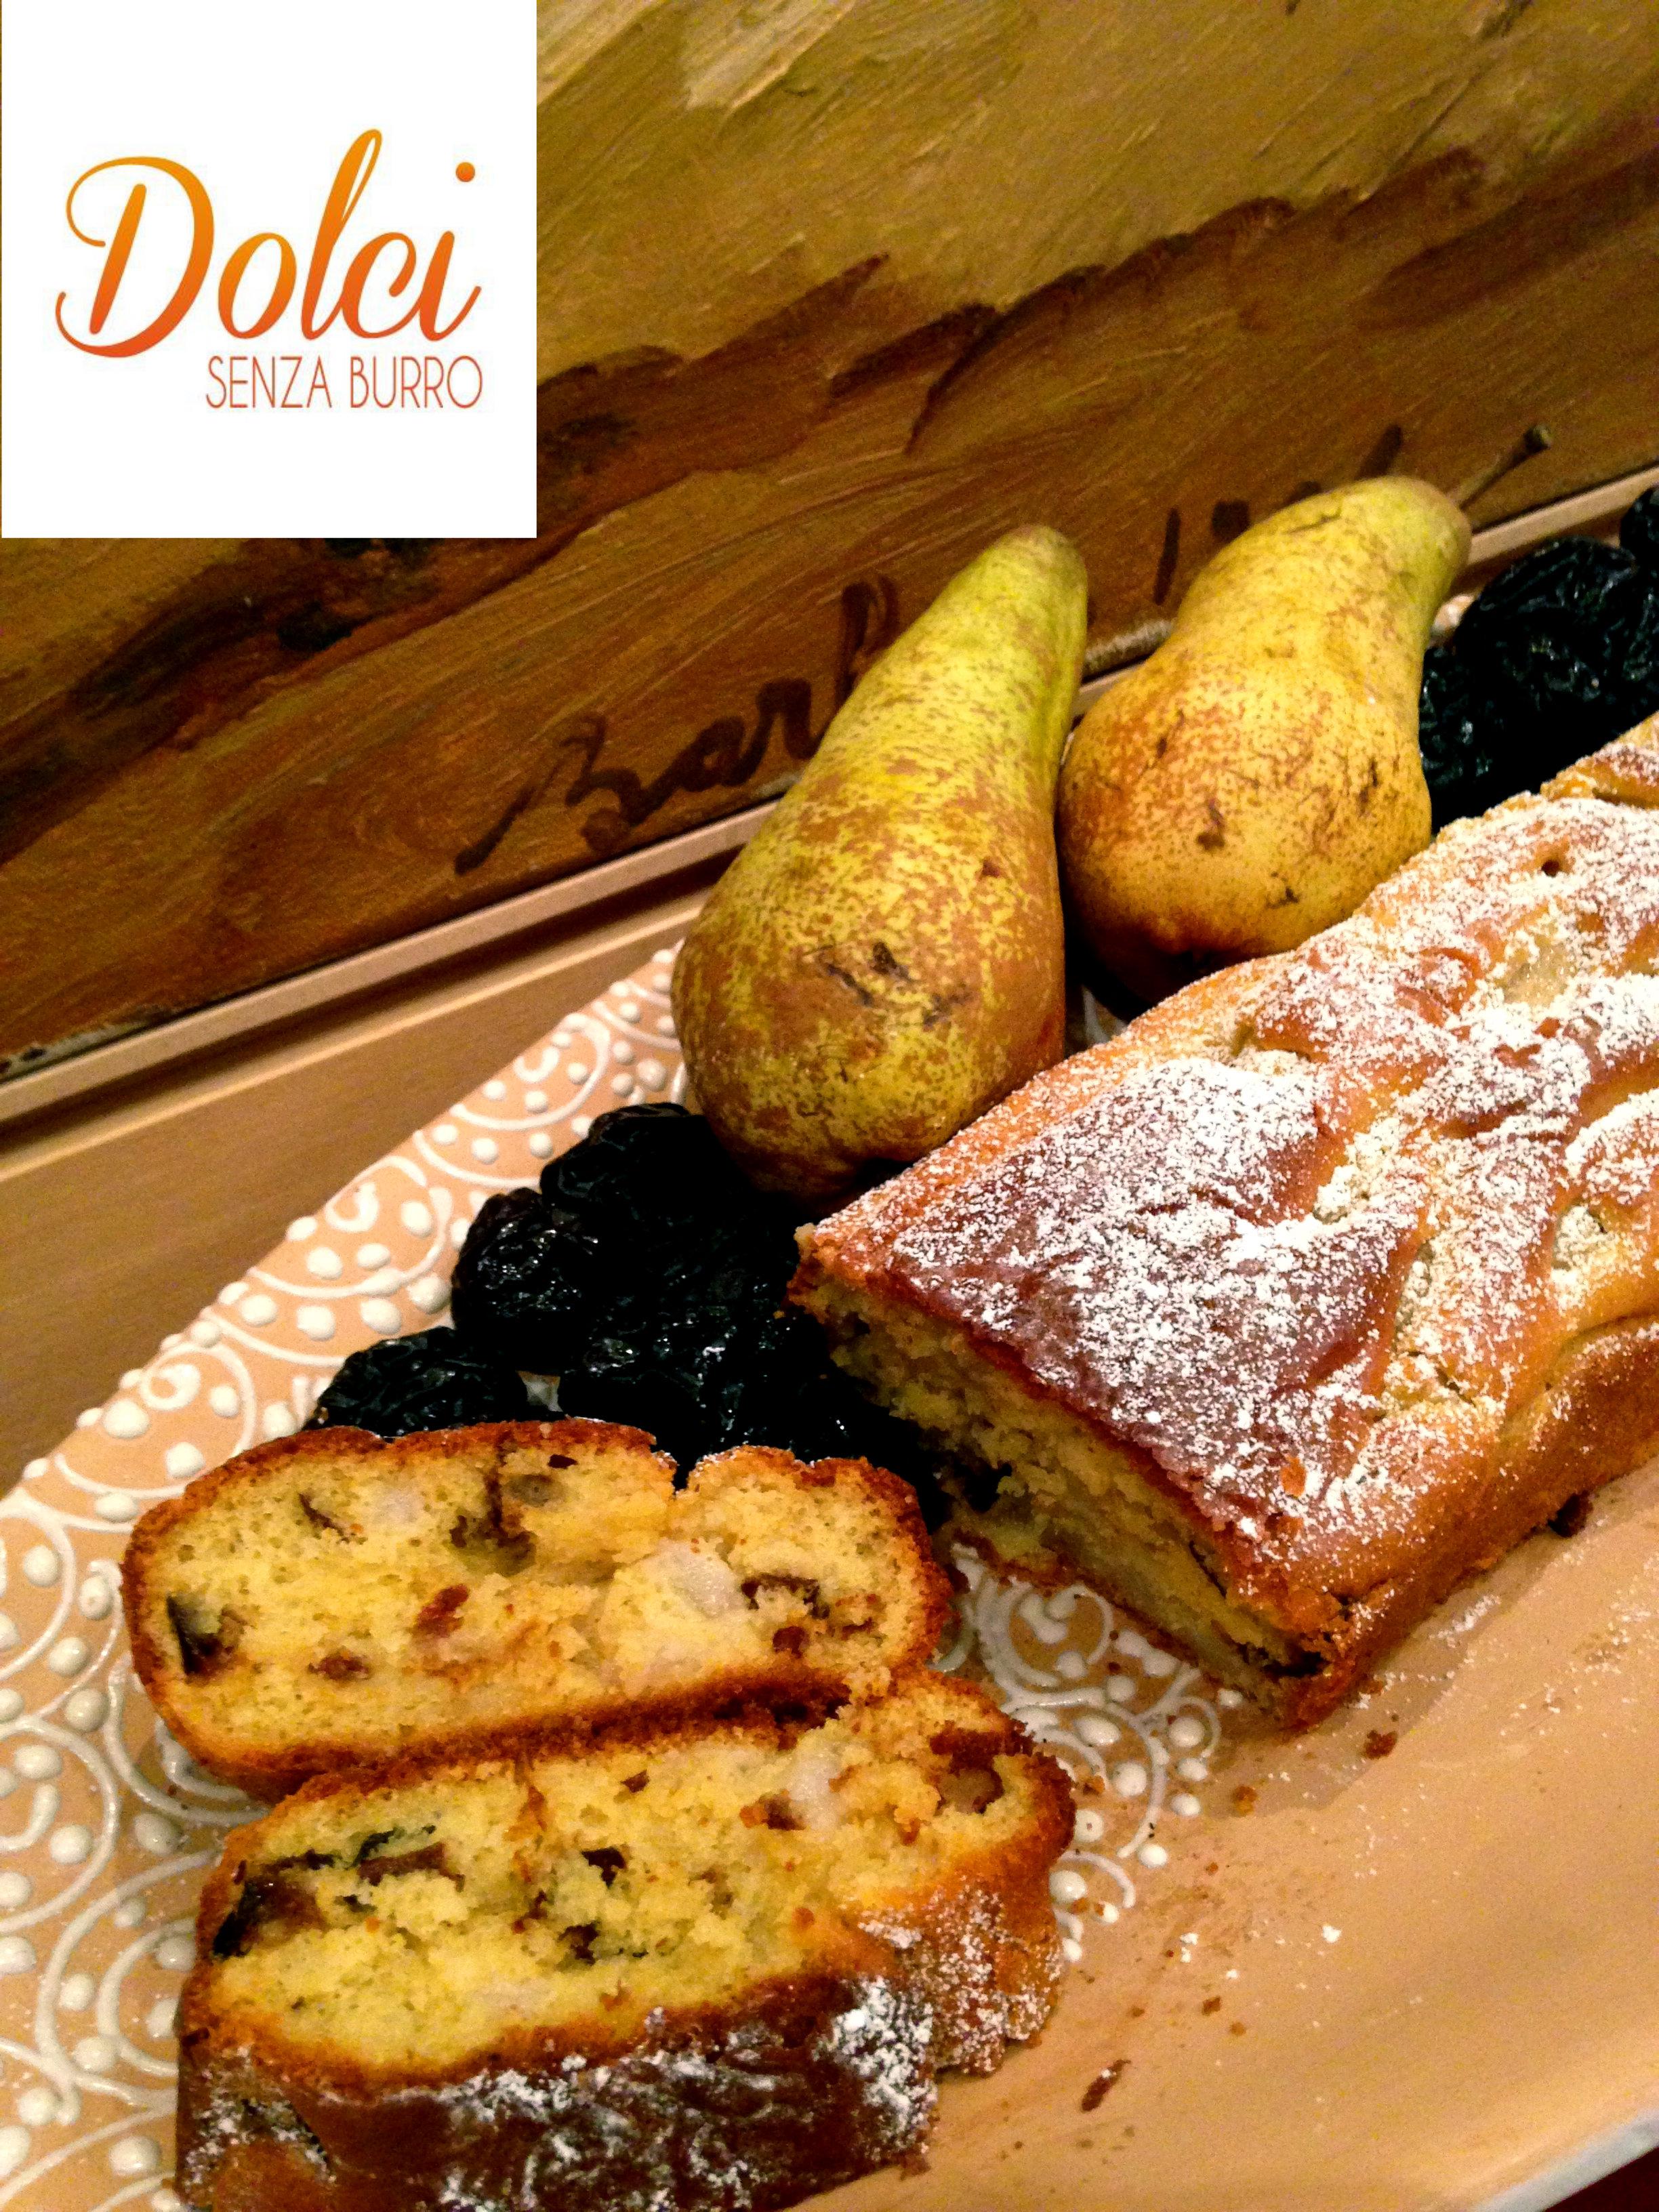 Plumcake Senza Burro con Pere e Prugne, il dolce goloso di dolci senza burro